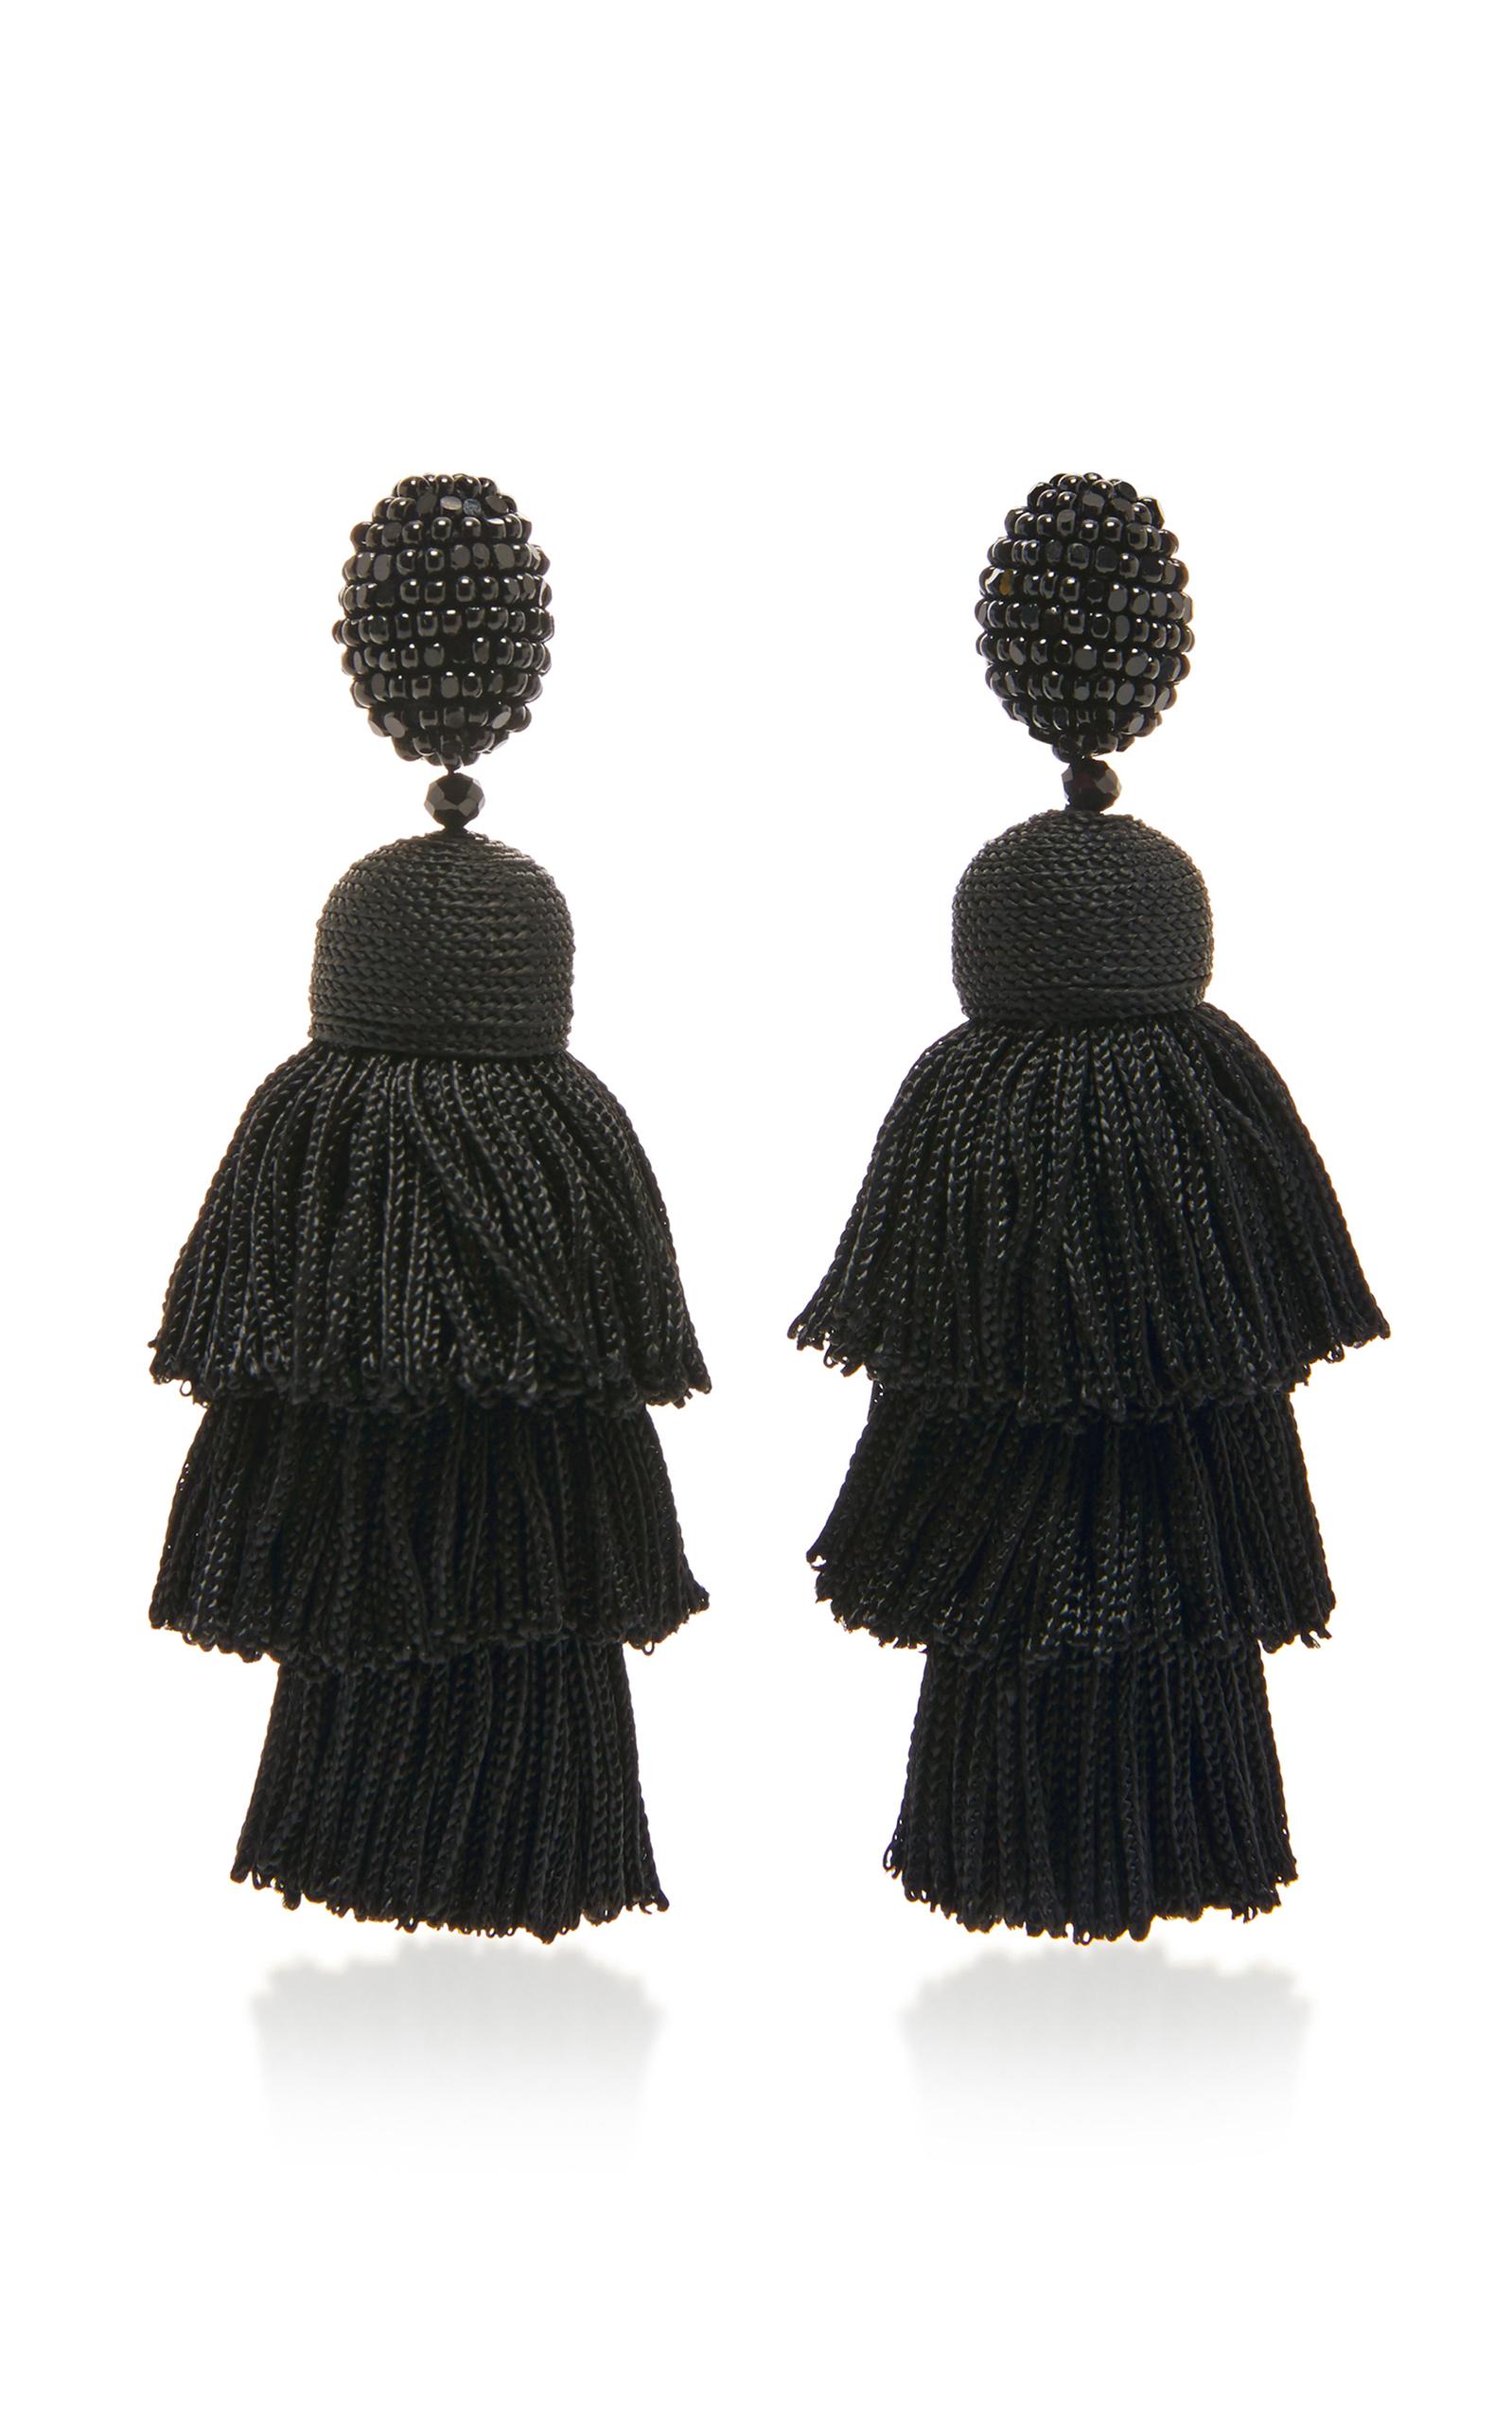 multi tiered tassel earring - Black Oscar De La Renta a6eV61wTE